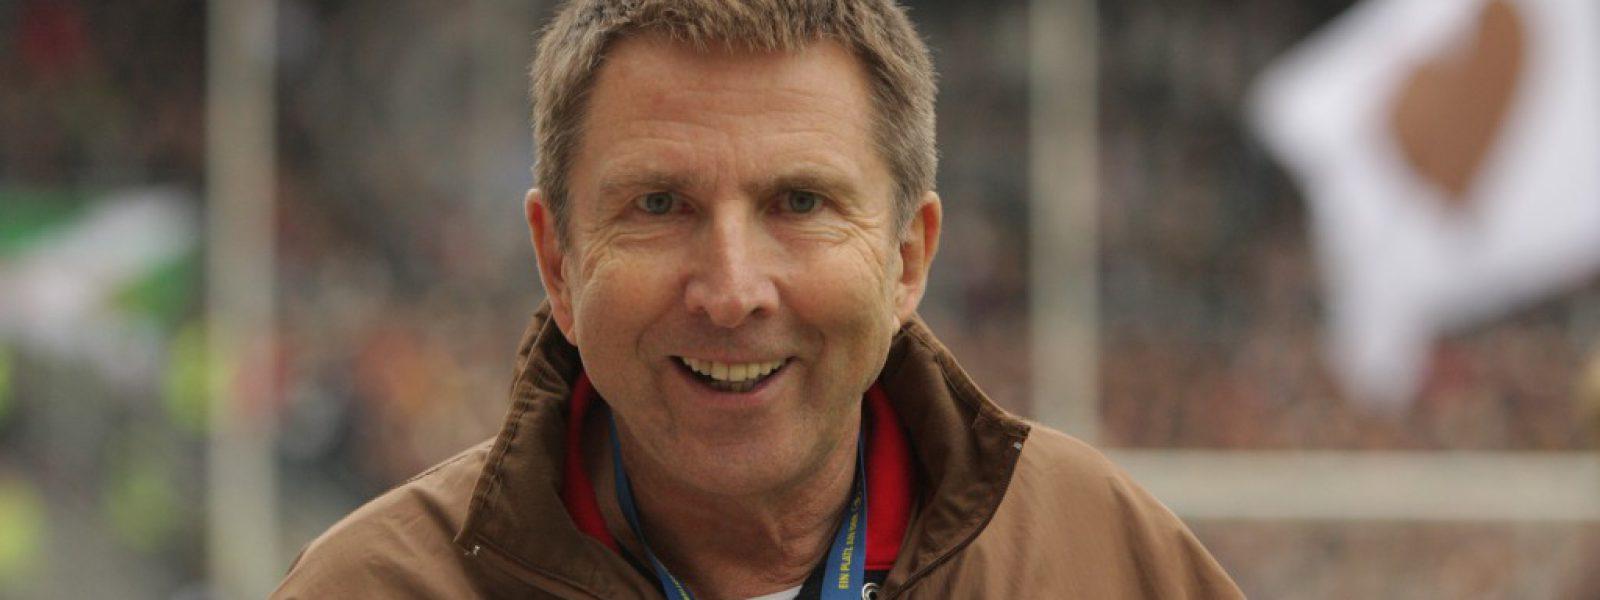 Rainer Wulff LIVE: Hörbuchaufzeichnung am Millerntor